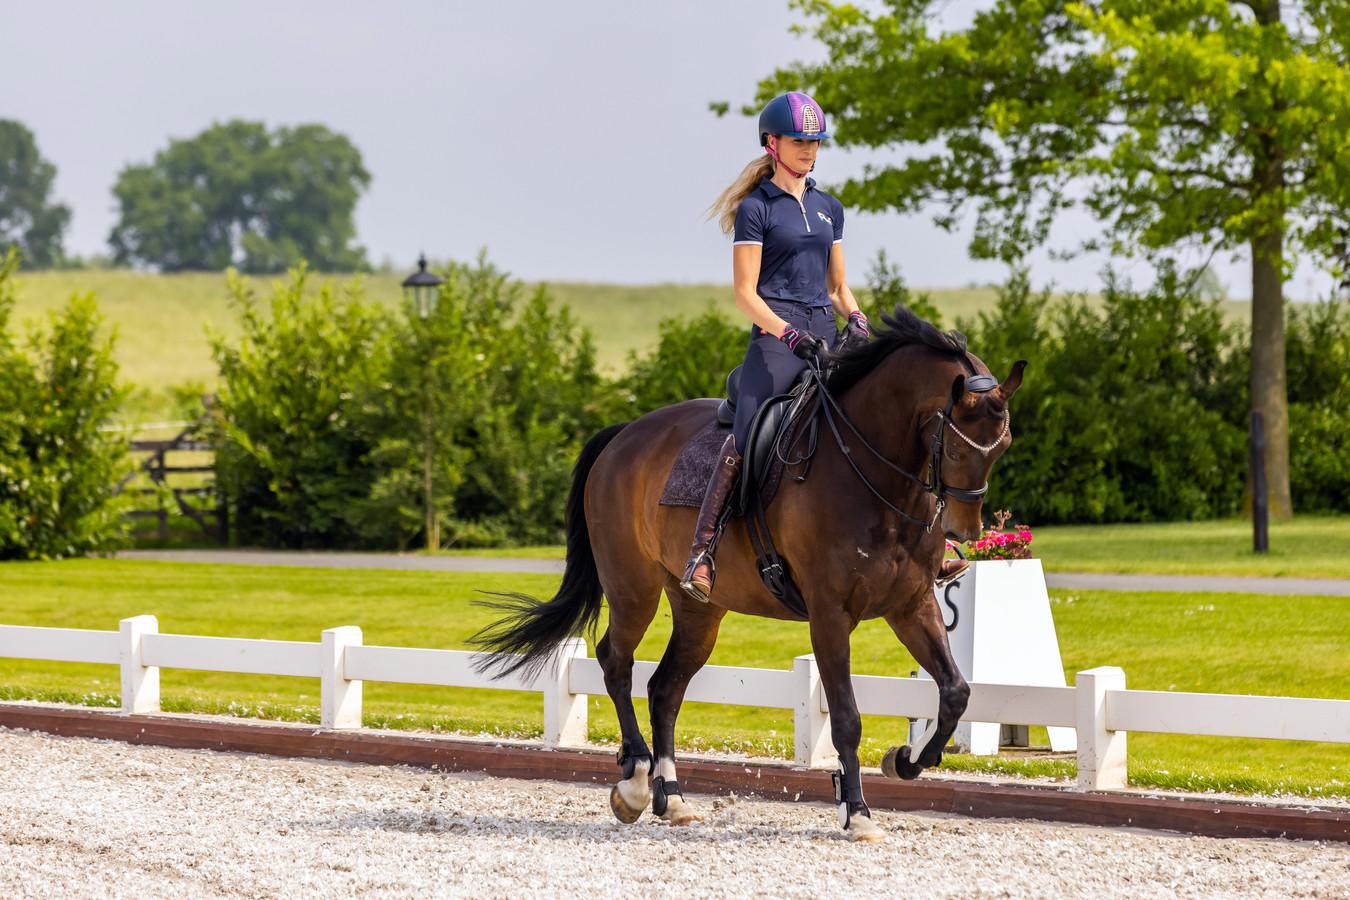 Dressuuramazone Dinja van Liere is met haar paard Hermes aan het trainen.